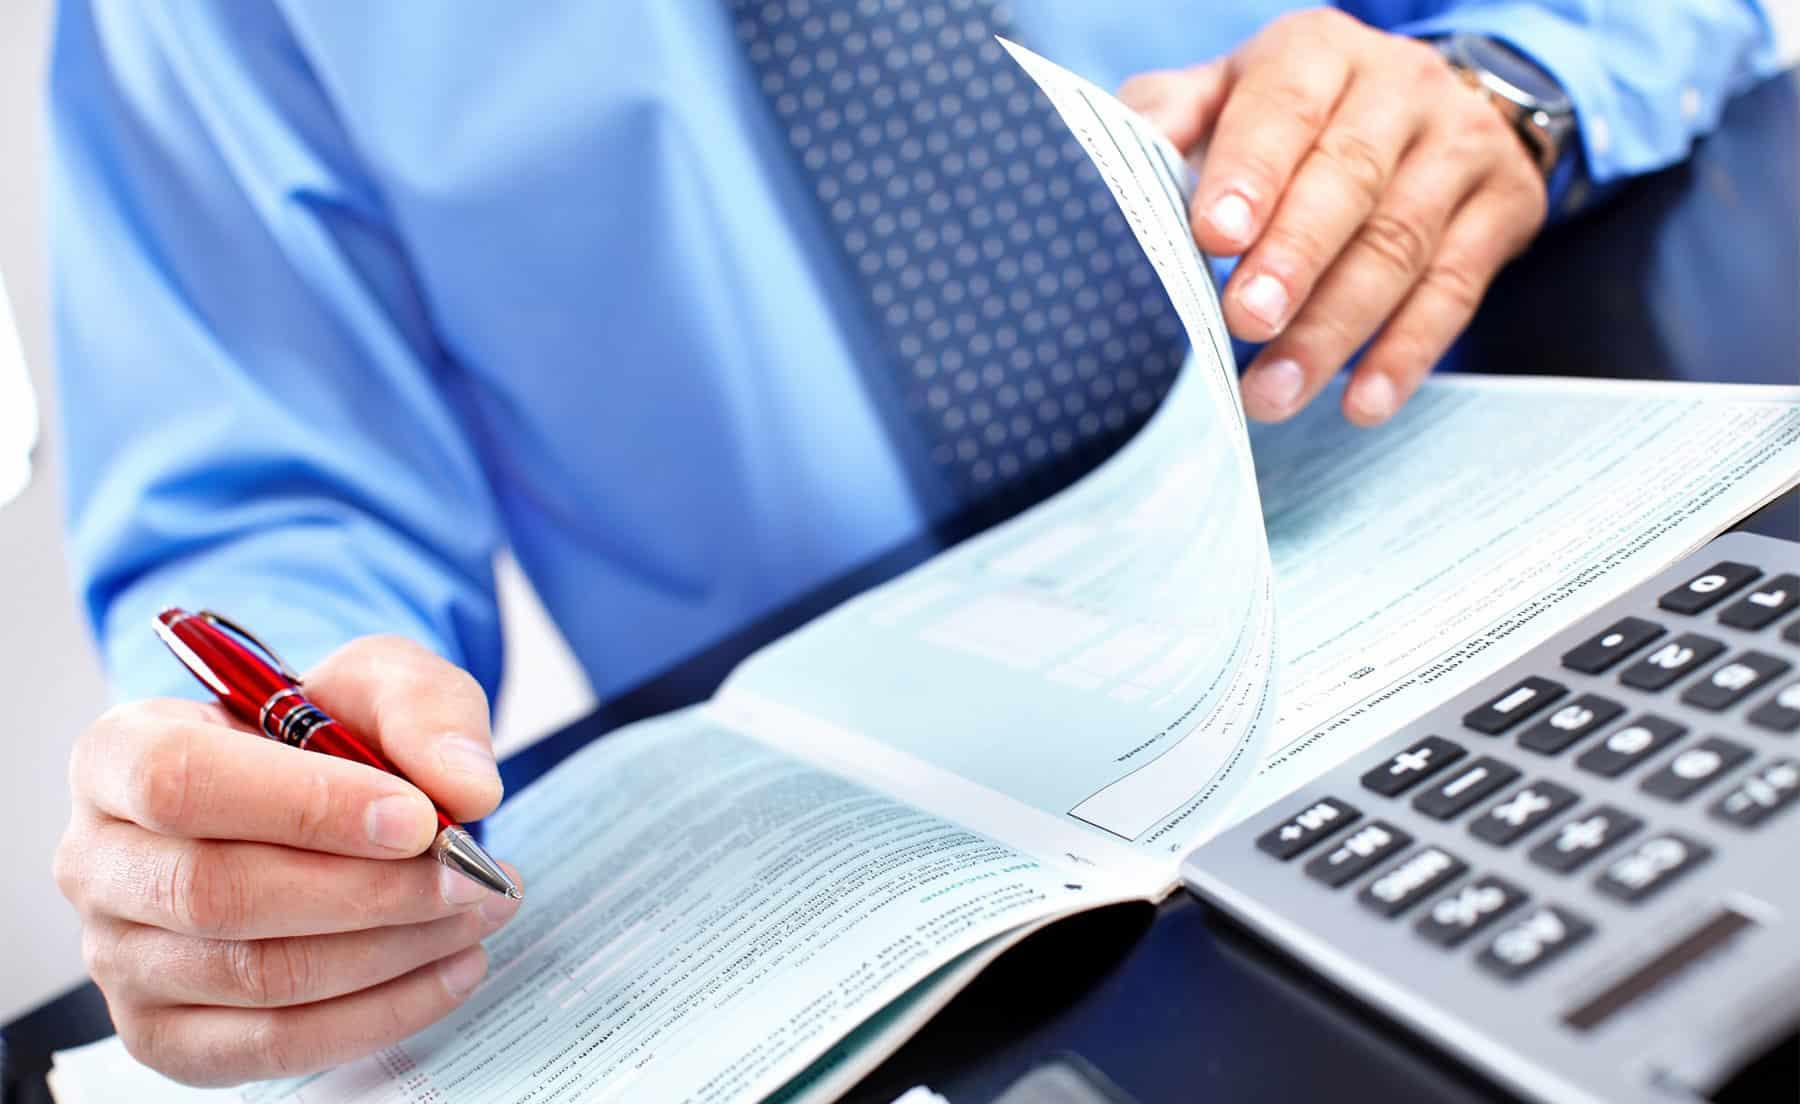 كورس المحاسبة المالية العملية   فيديو بالعربى